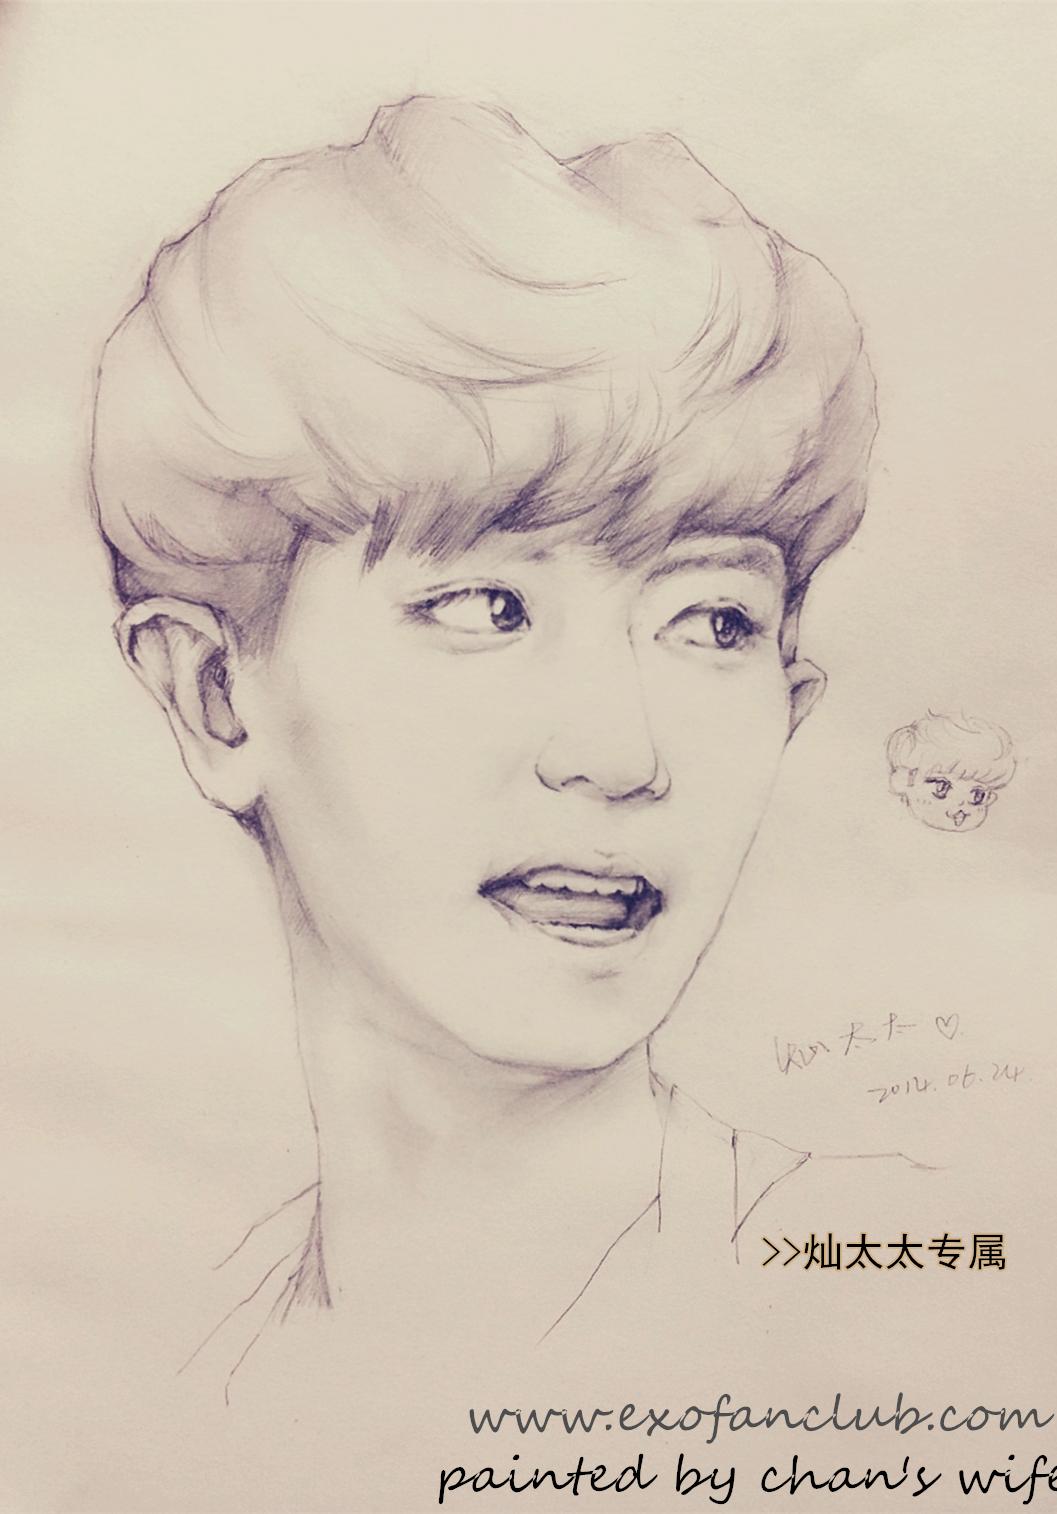 原创 EXO 灿烈 素描像 小米手绘 原创图片 Original Picture exofanclub